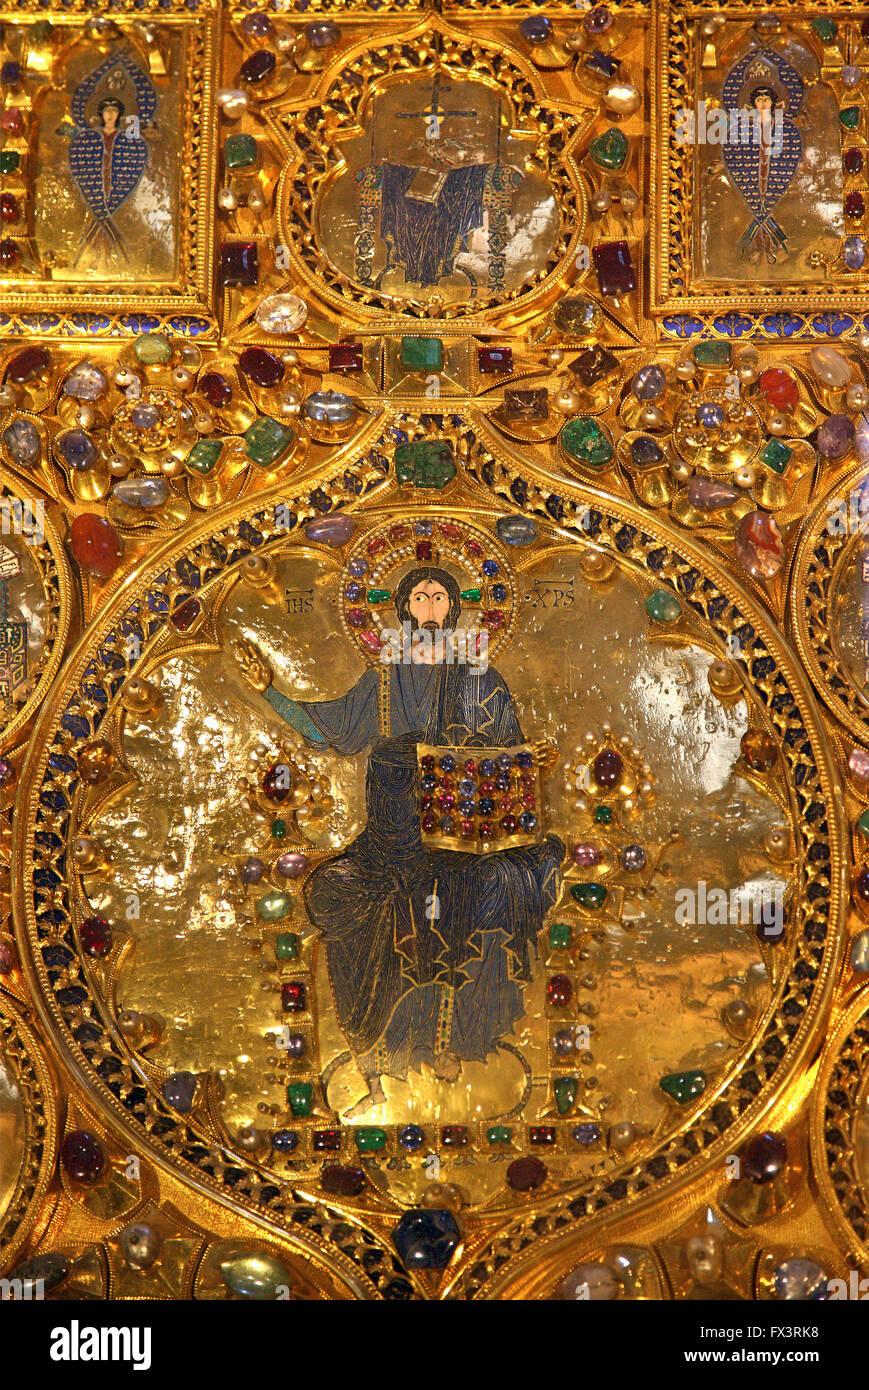 'Detalle' de la pala d' Oro en la basílica de San Marcos (San Marcos), Venice, Veneto, Italia. Imagen De Stock